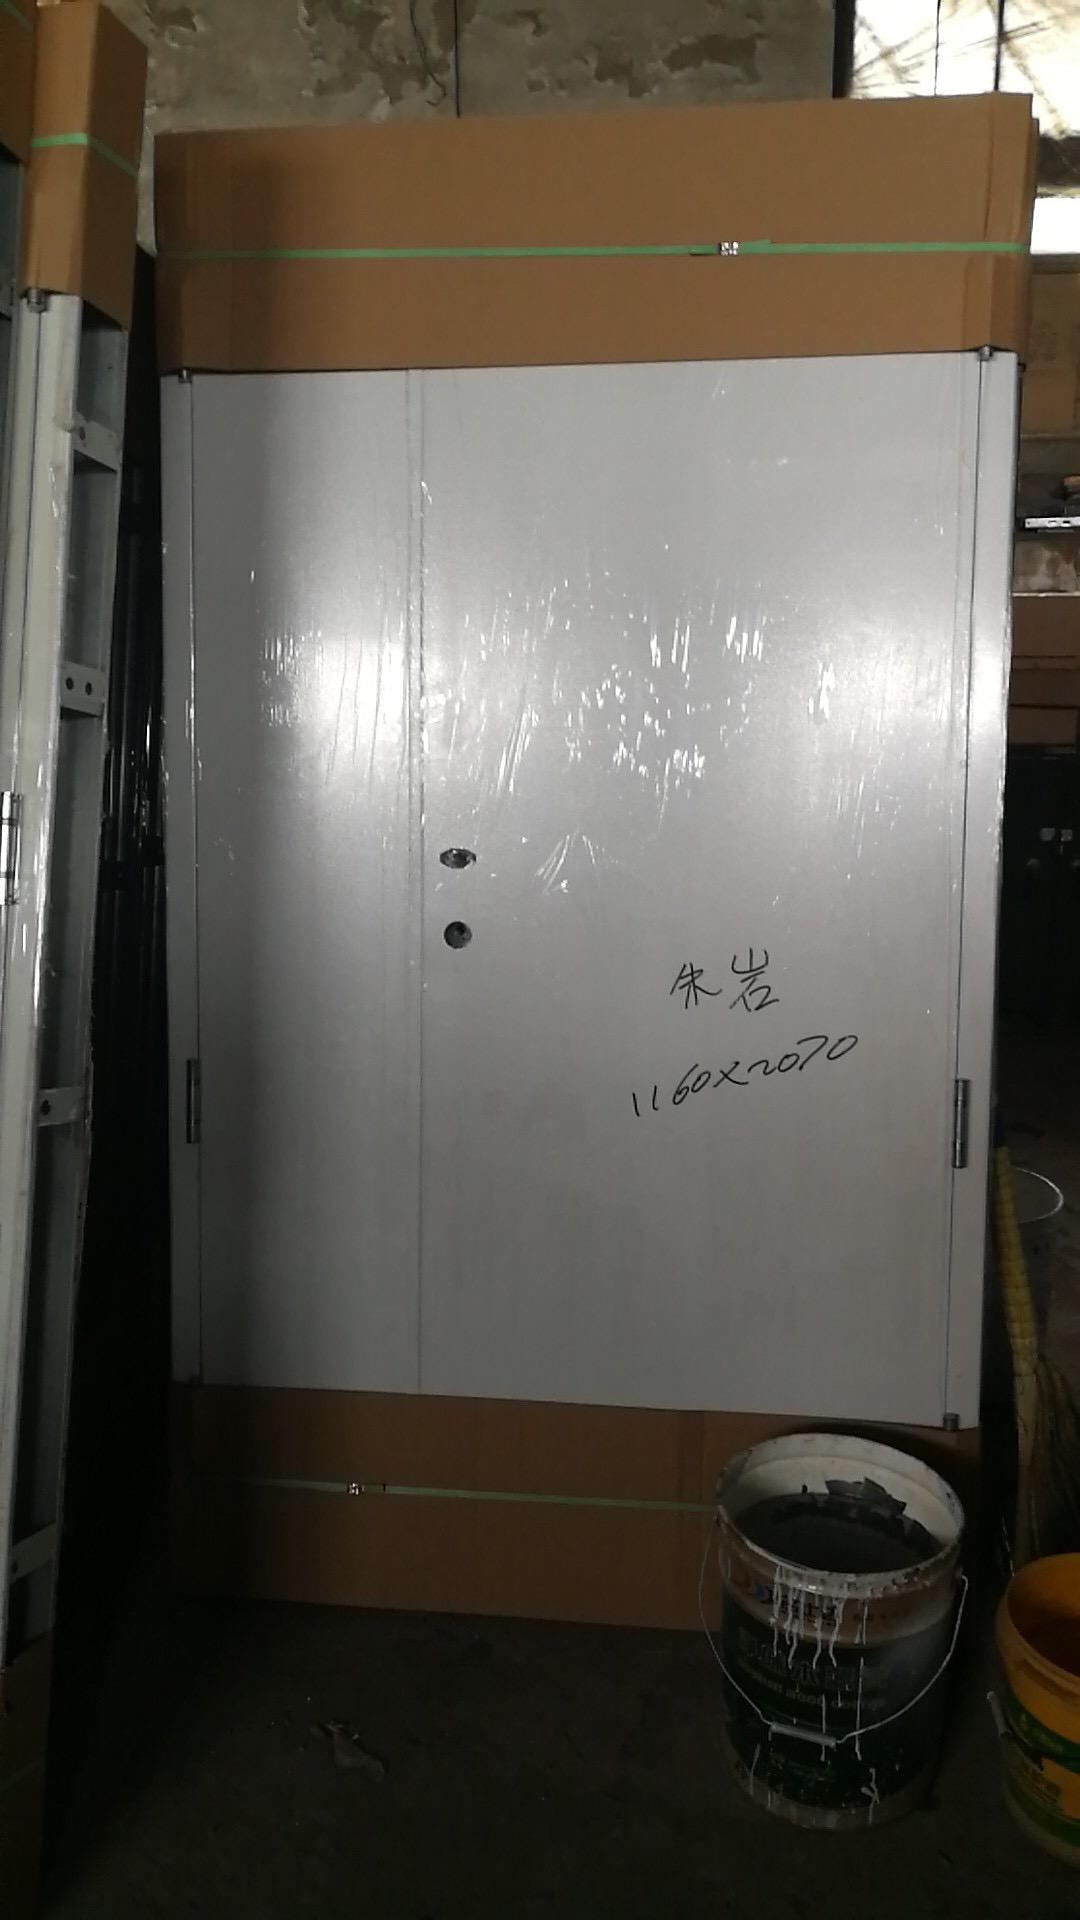 沈阳市防火窗厂|甲级防火窗价格|钢质防火窗生产厂家。-- 郭峰